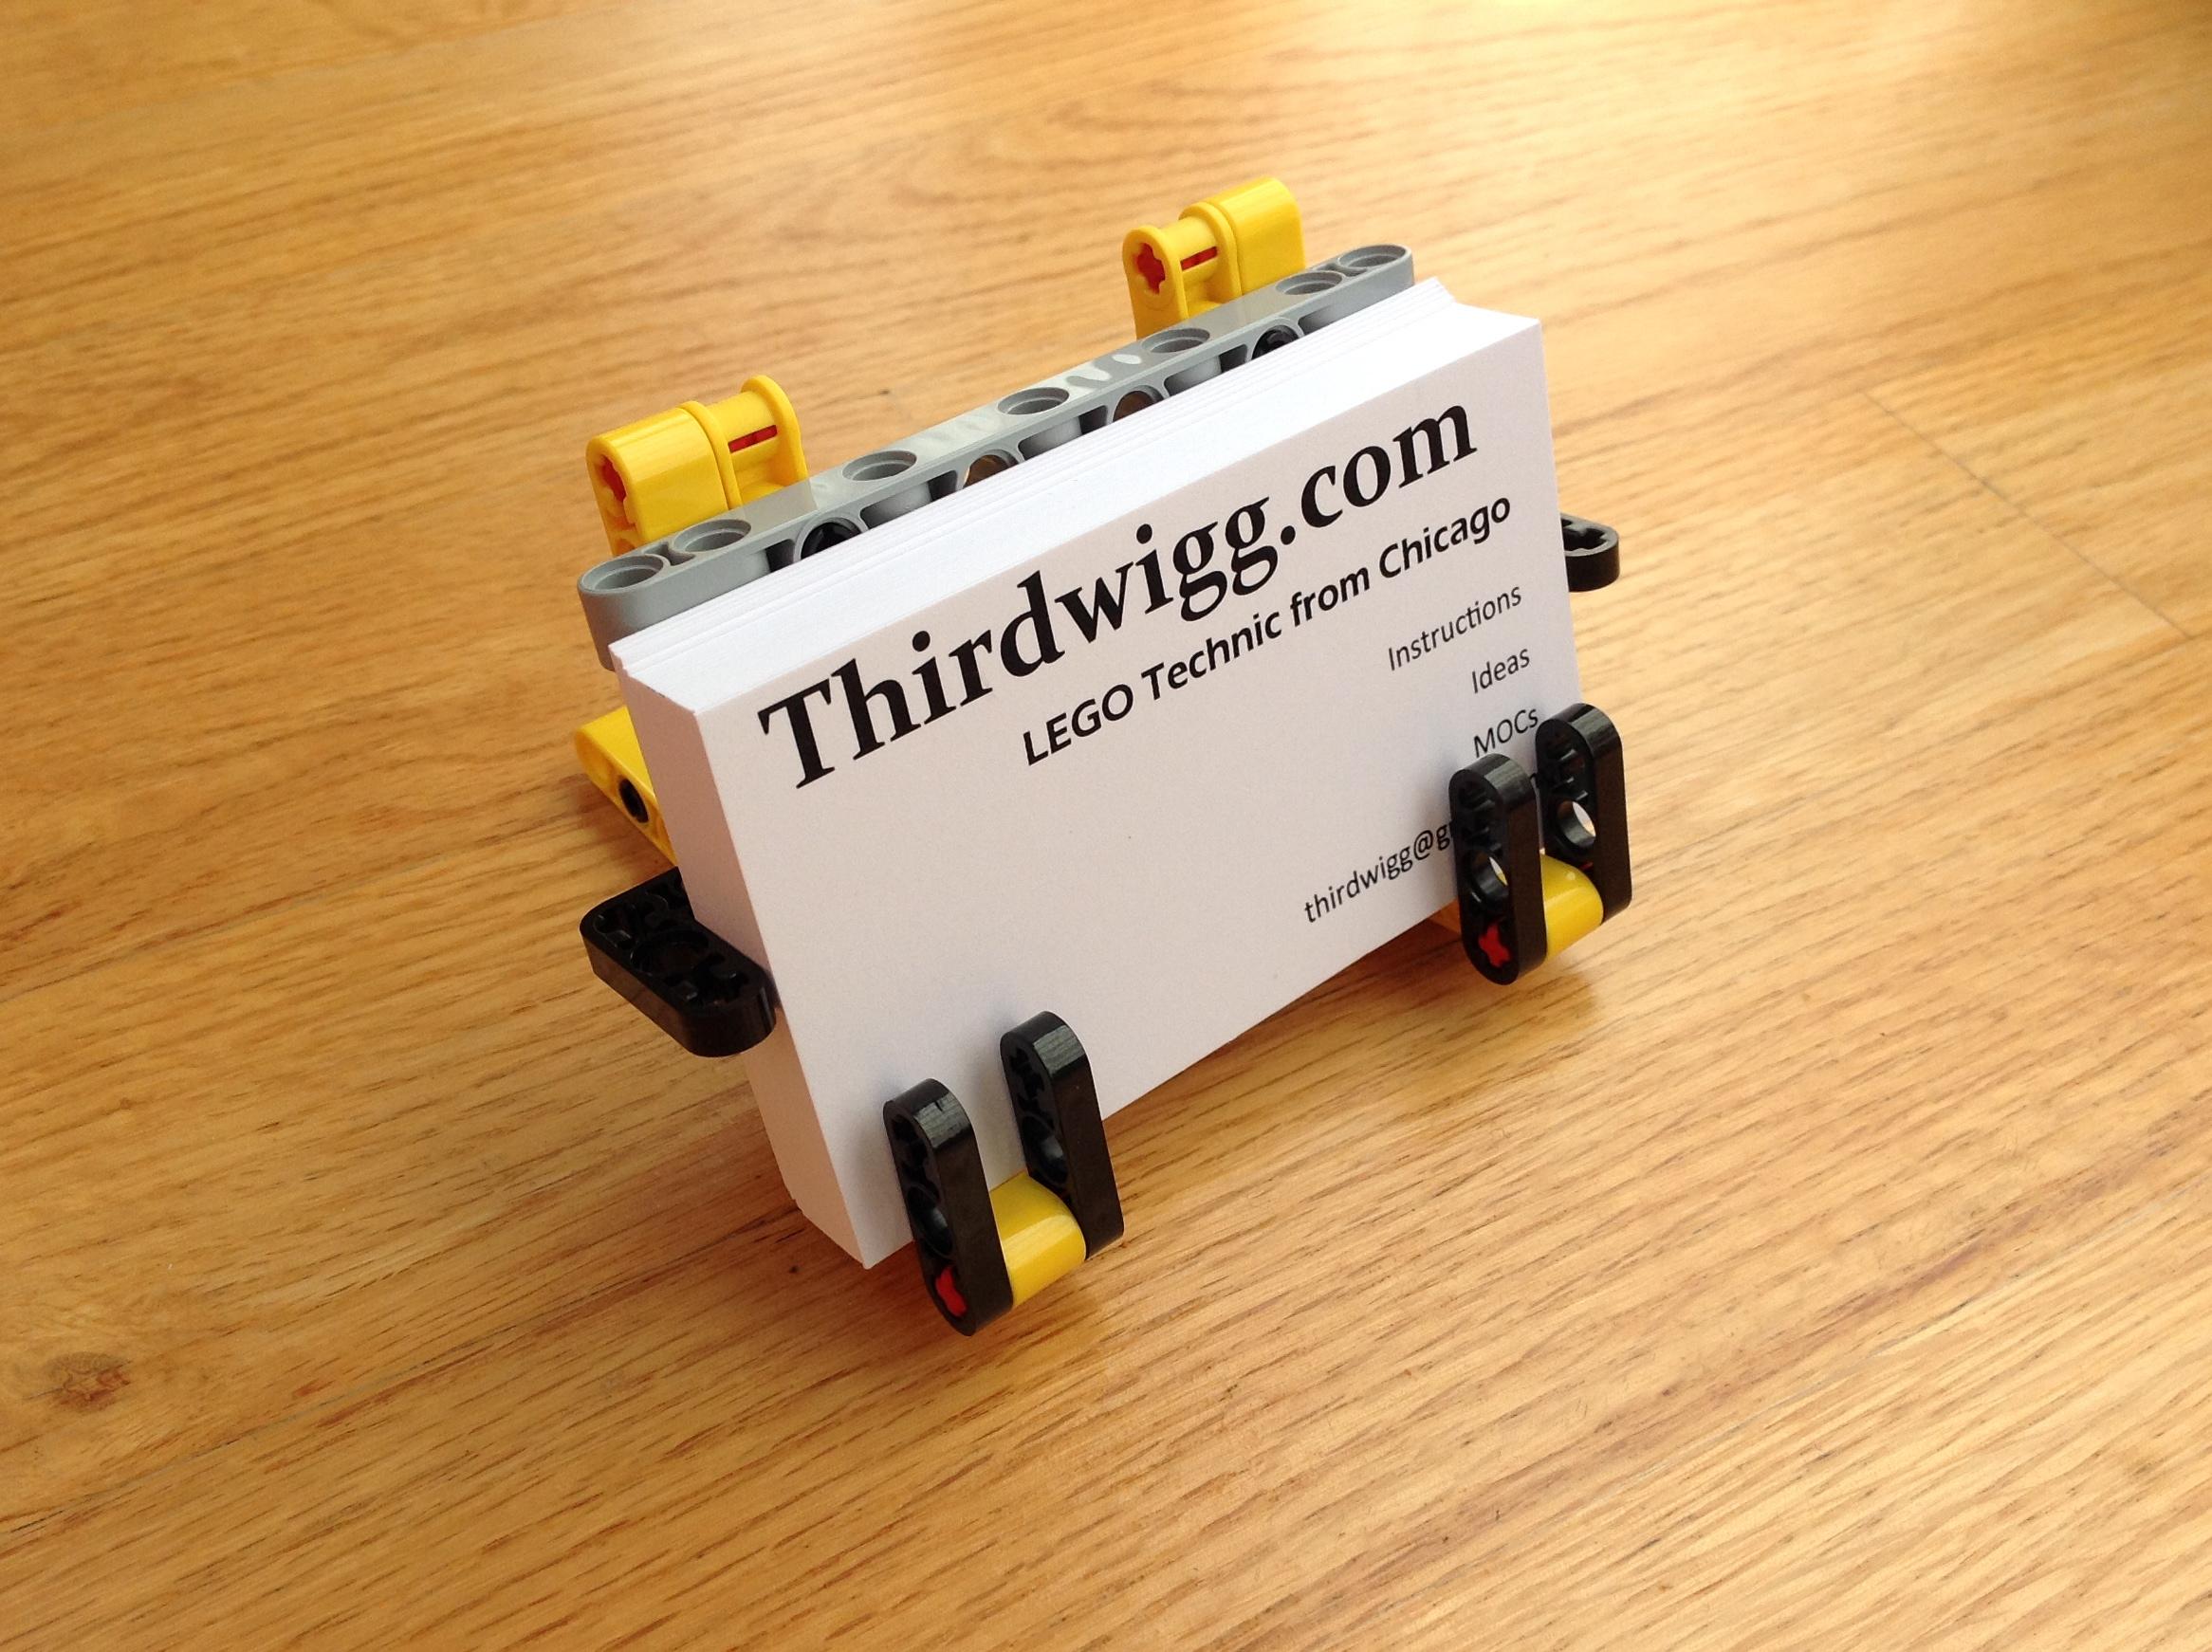 Business Card Holder   Thirdwigg.com